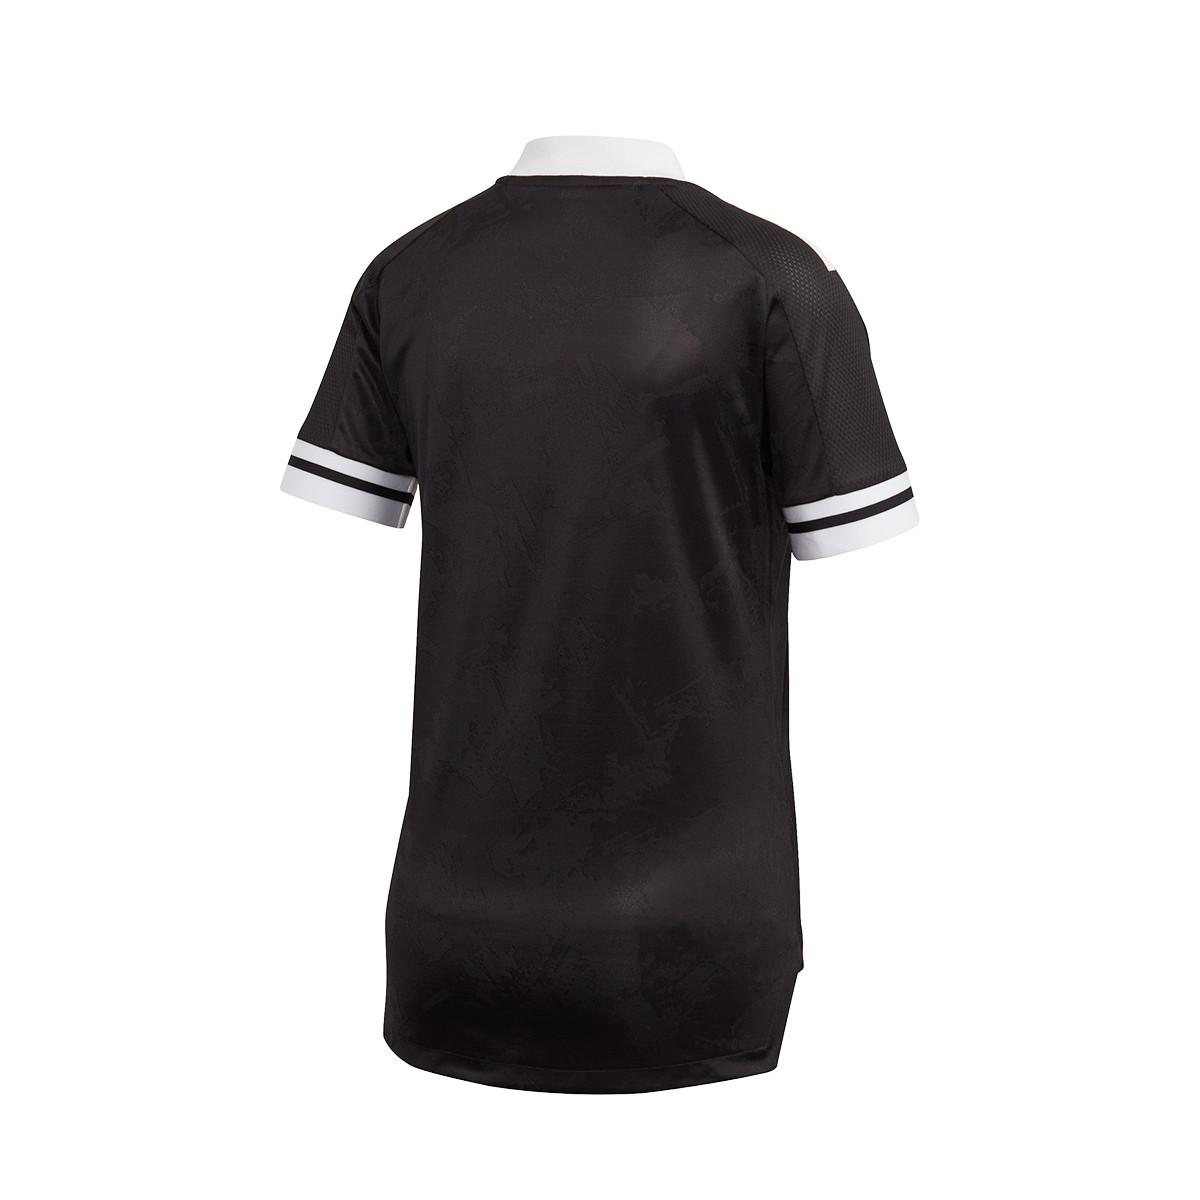 Camiseta adidas Condivo 20 mc Mujer